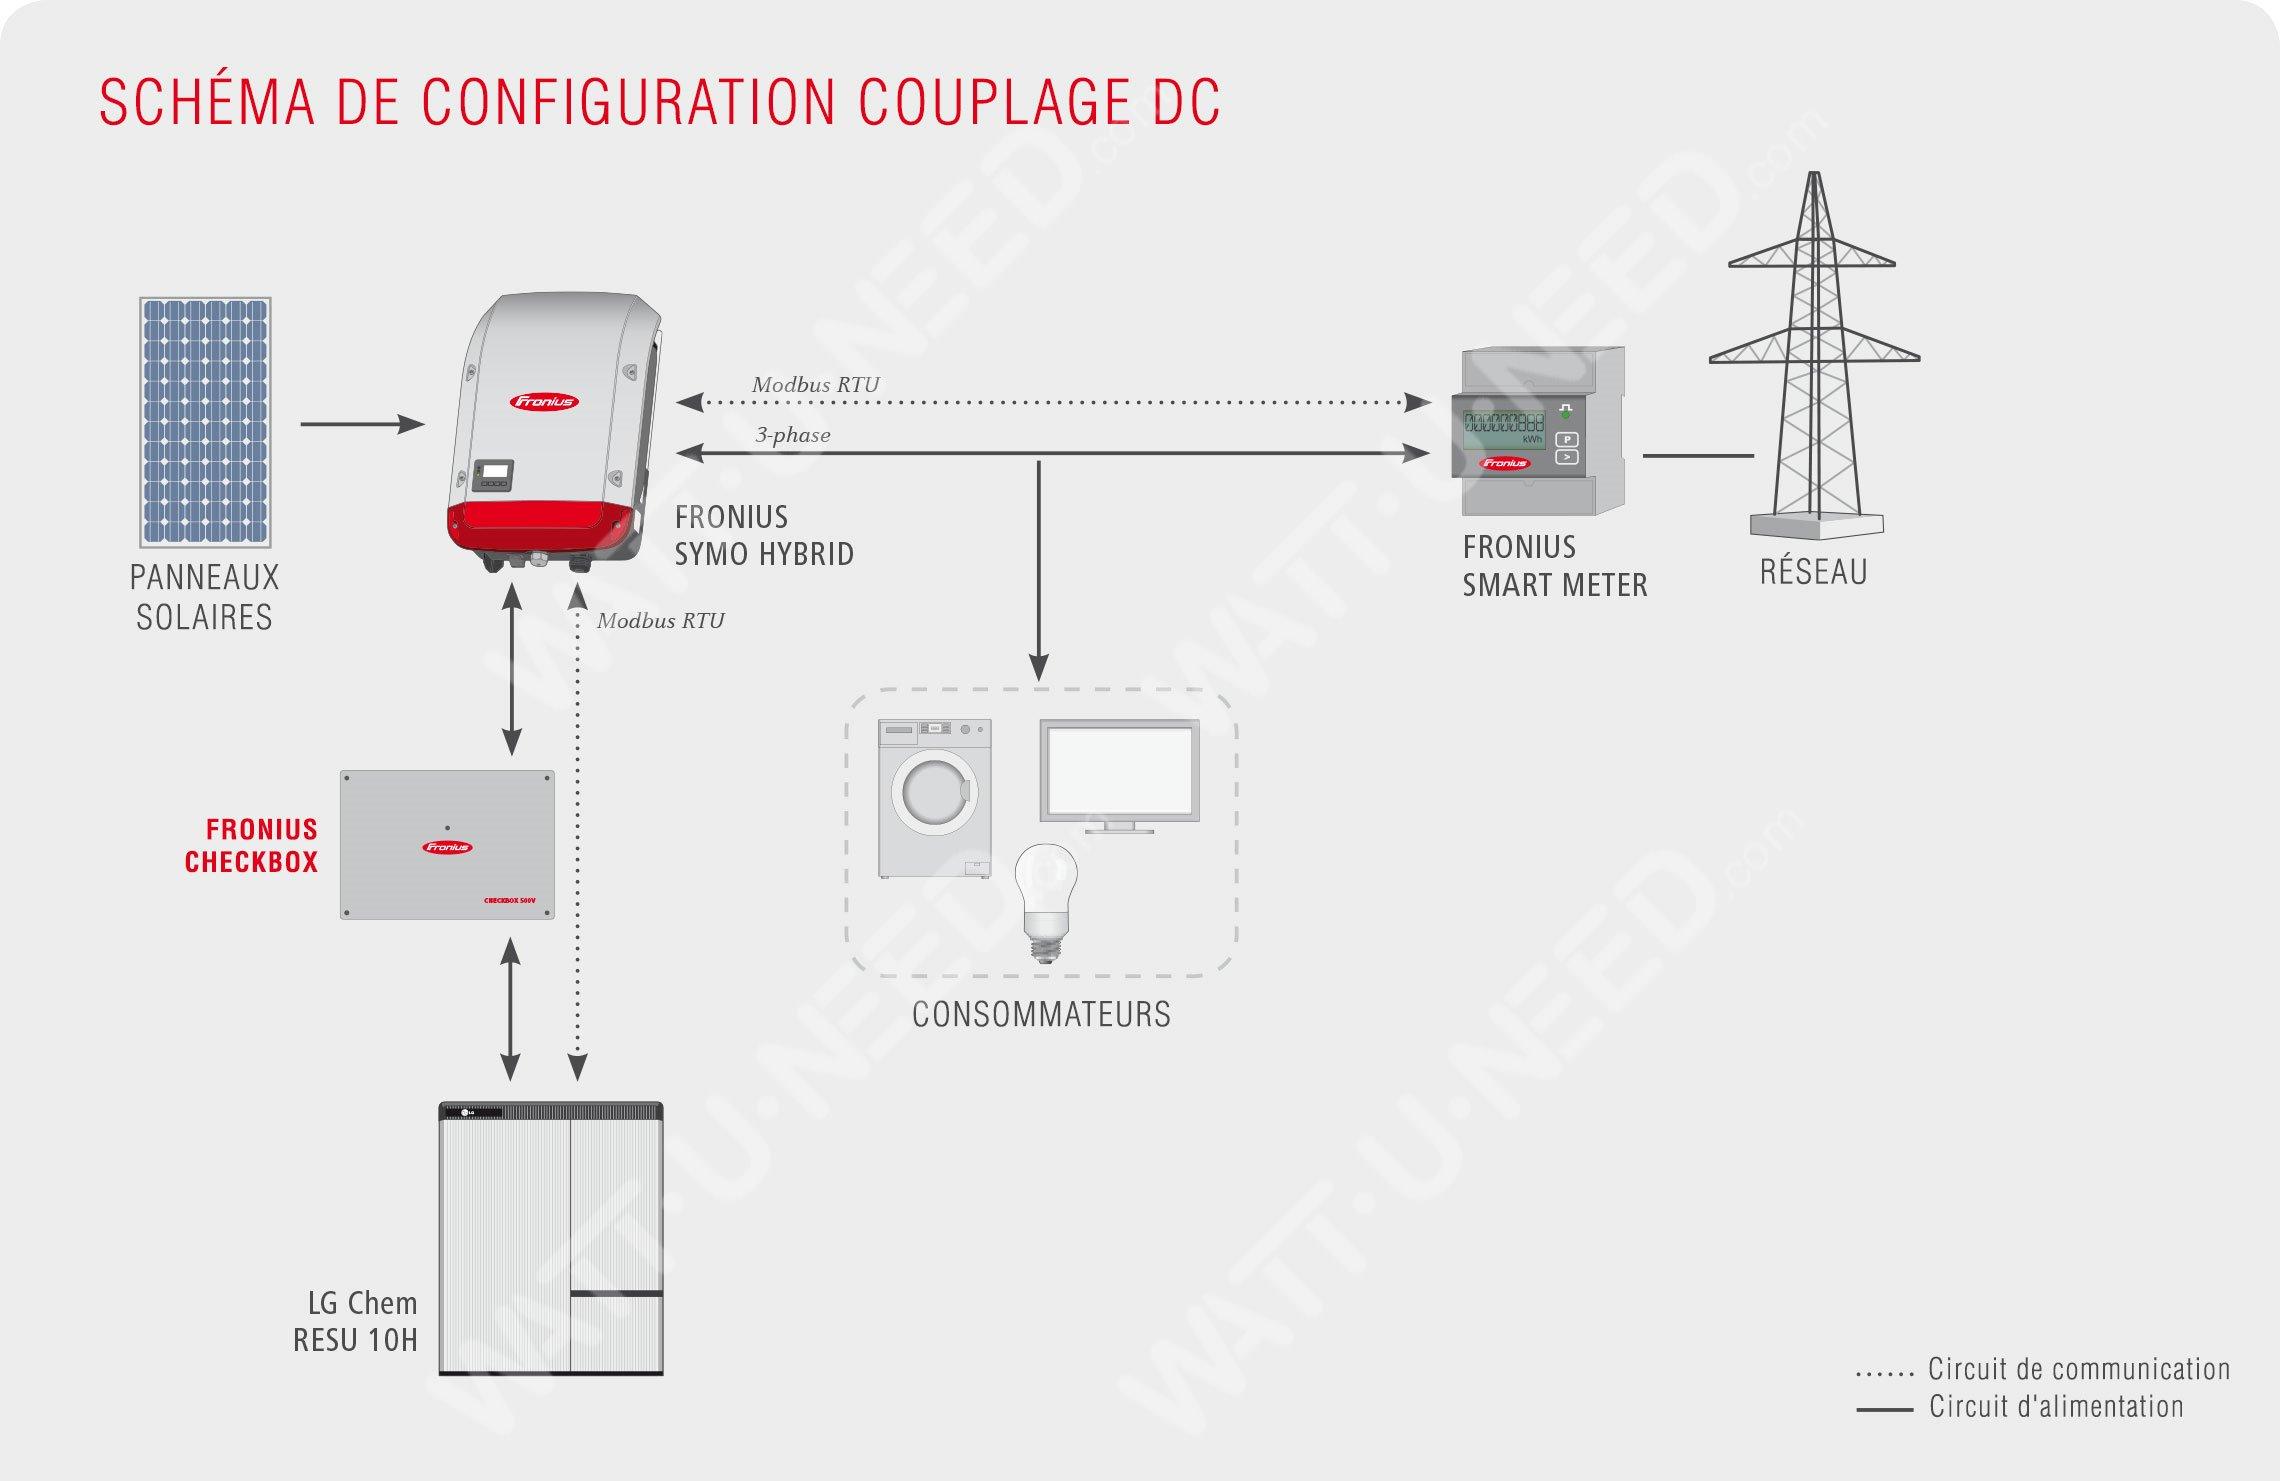 Schéma de configuration couplage DC